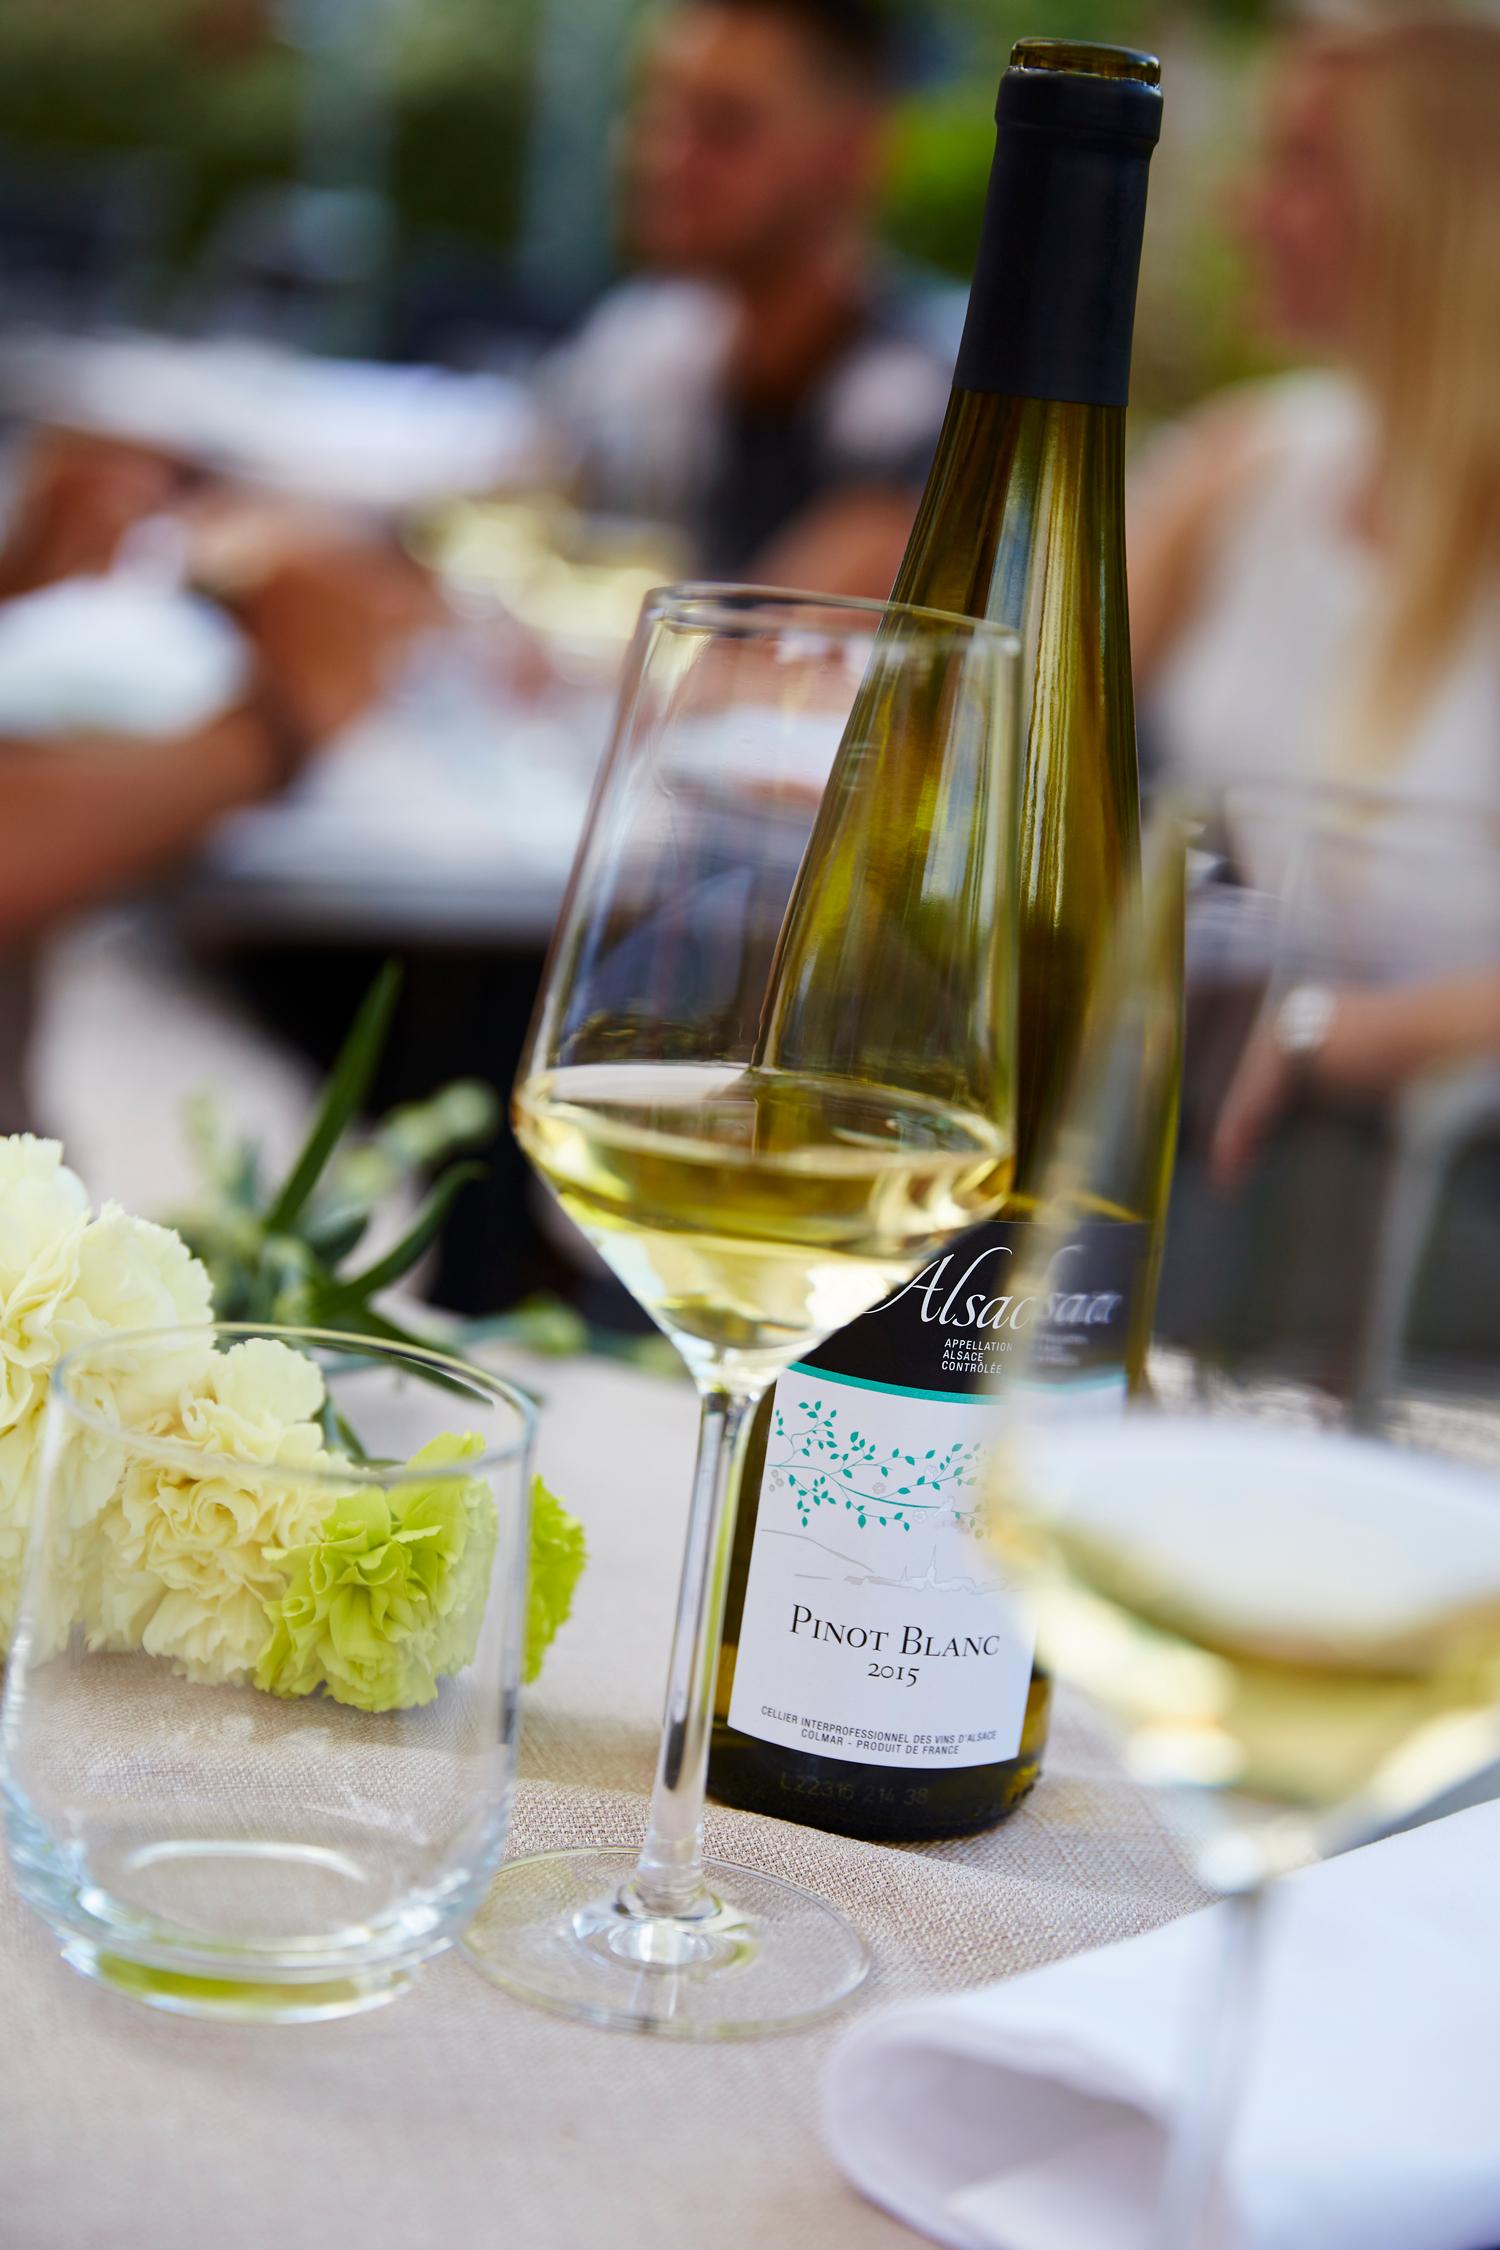 Alsace ou Vin d'Alsace